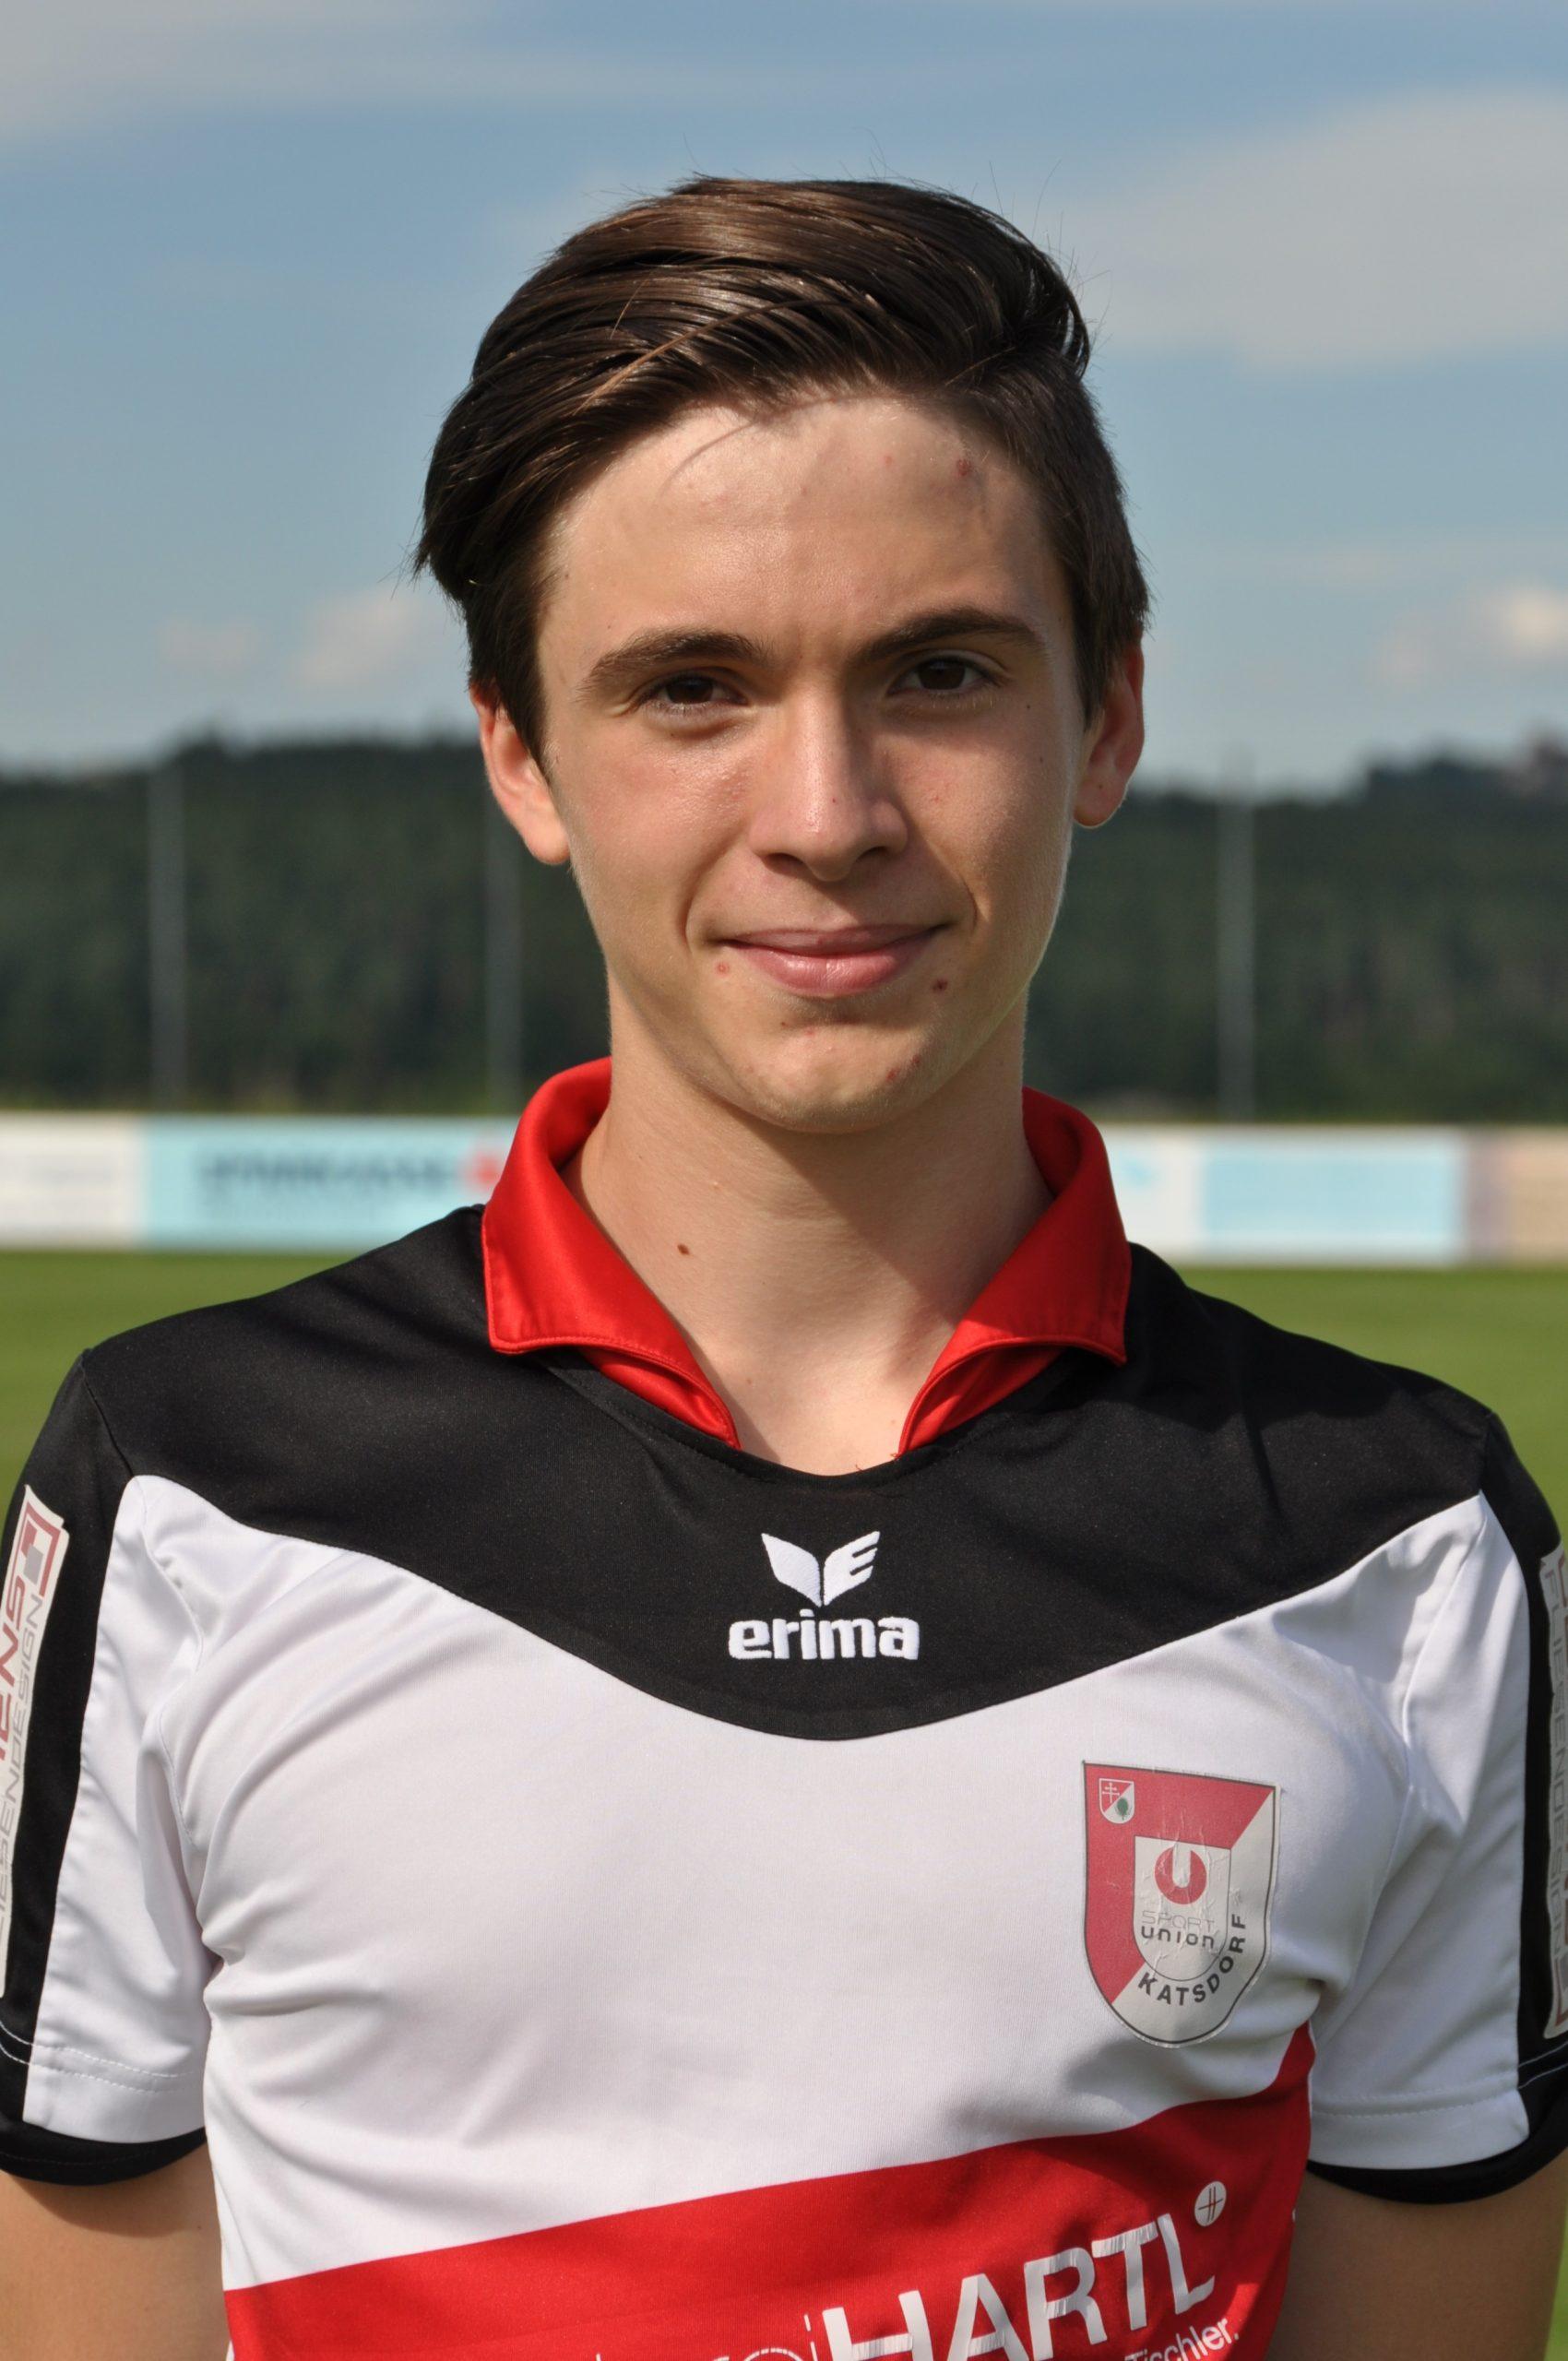 Union Katsdorf - Bastian Waldhör